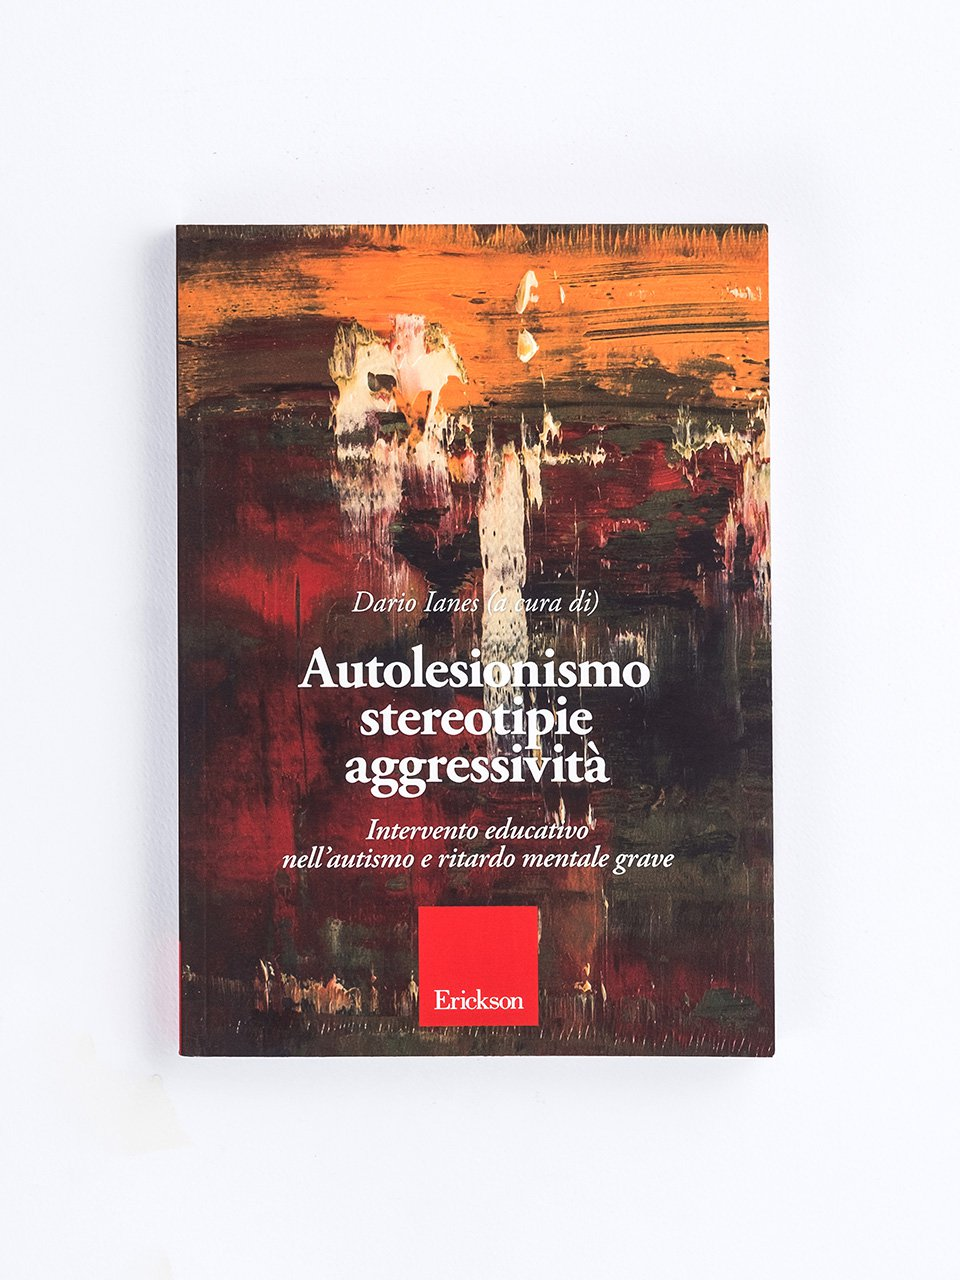 Autolesionismo stereotipie aggressività - Largo, arrivo io! - Libri - Erickson